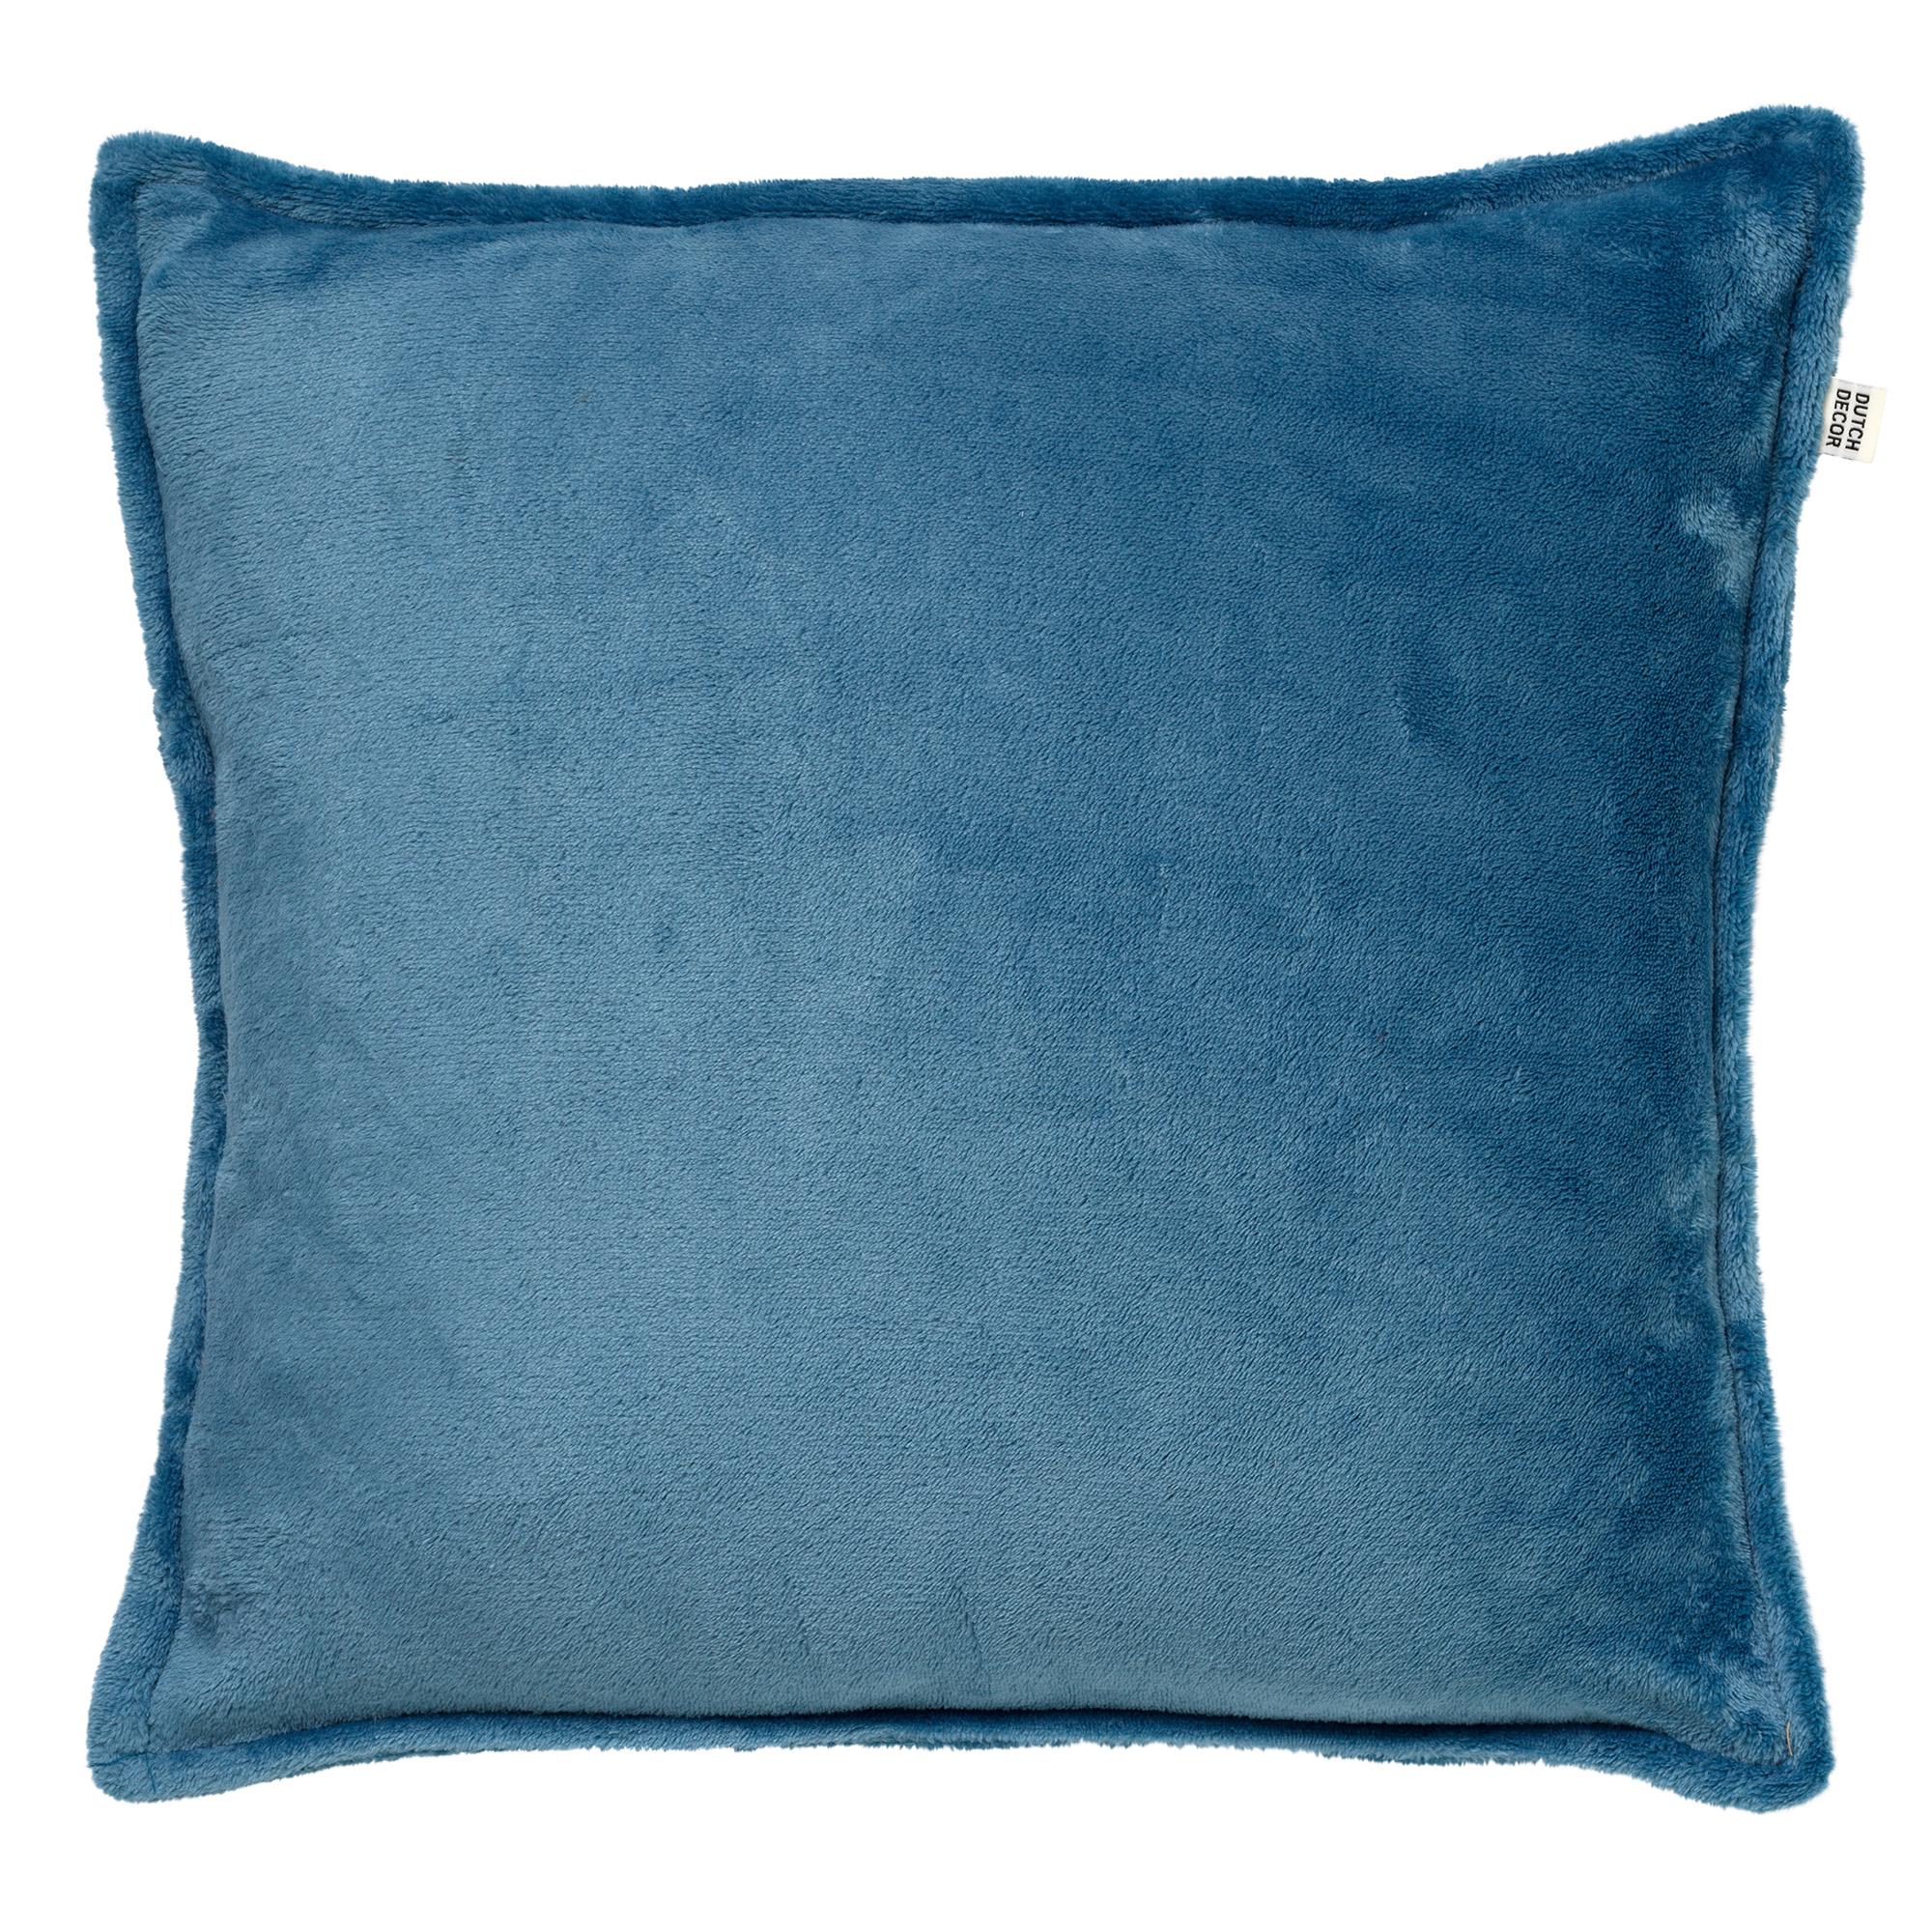 CILLY - Sierkussen van fleece Provincial Blue 45x45 cm